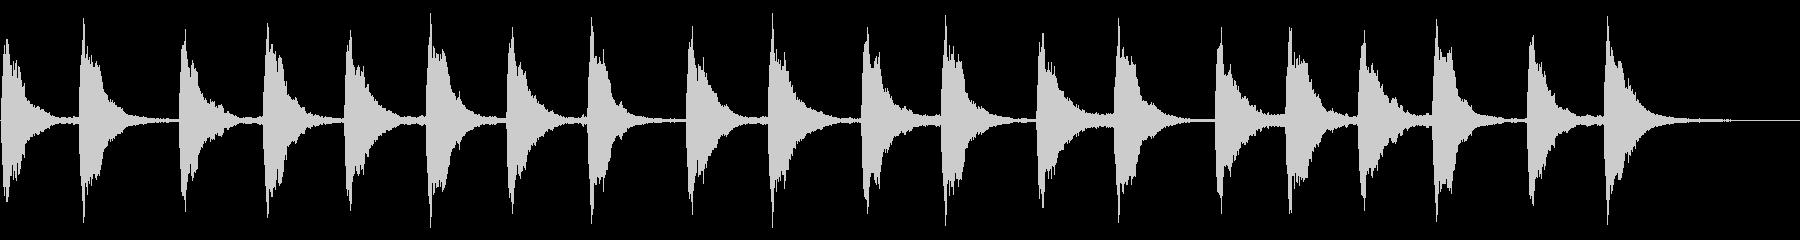 メルトンチャーチベル6:リンギングの未再生の波形